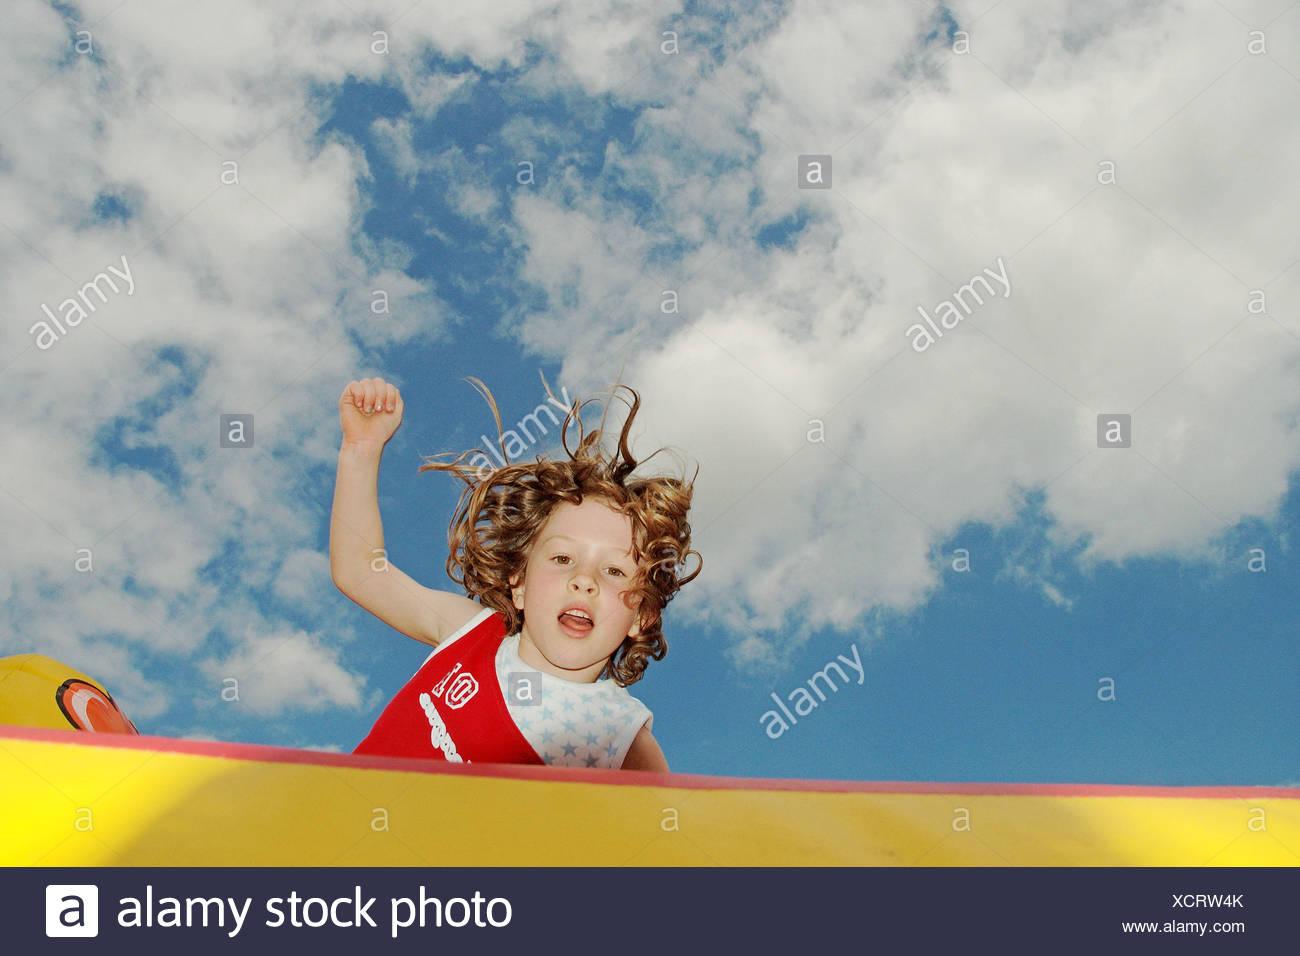 Mädchen auf der Hüpfburg springen Stockbild